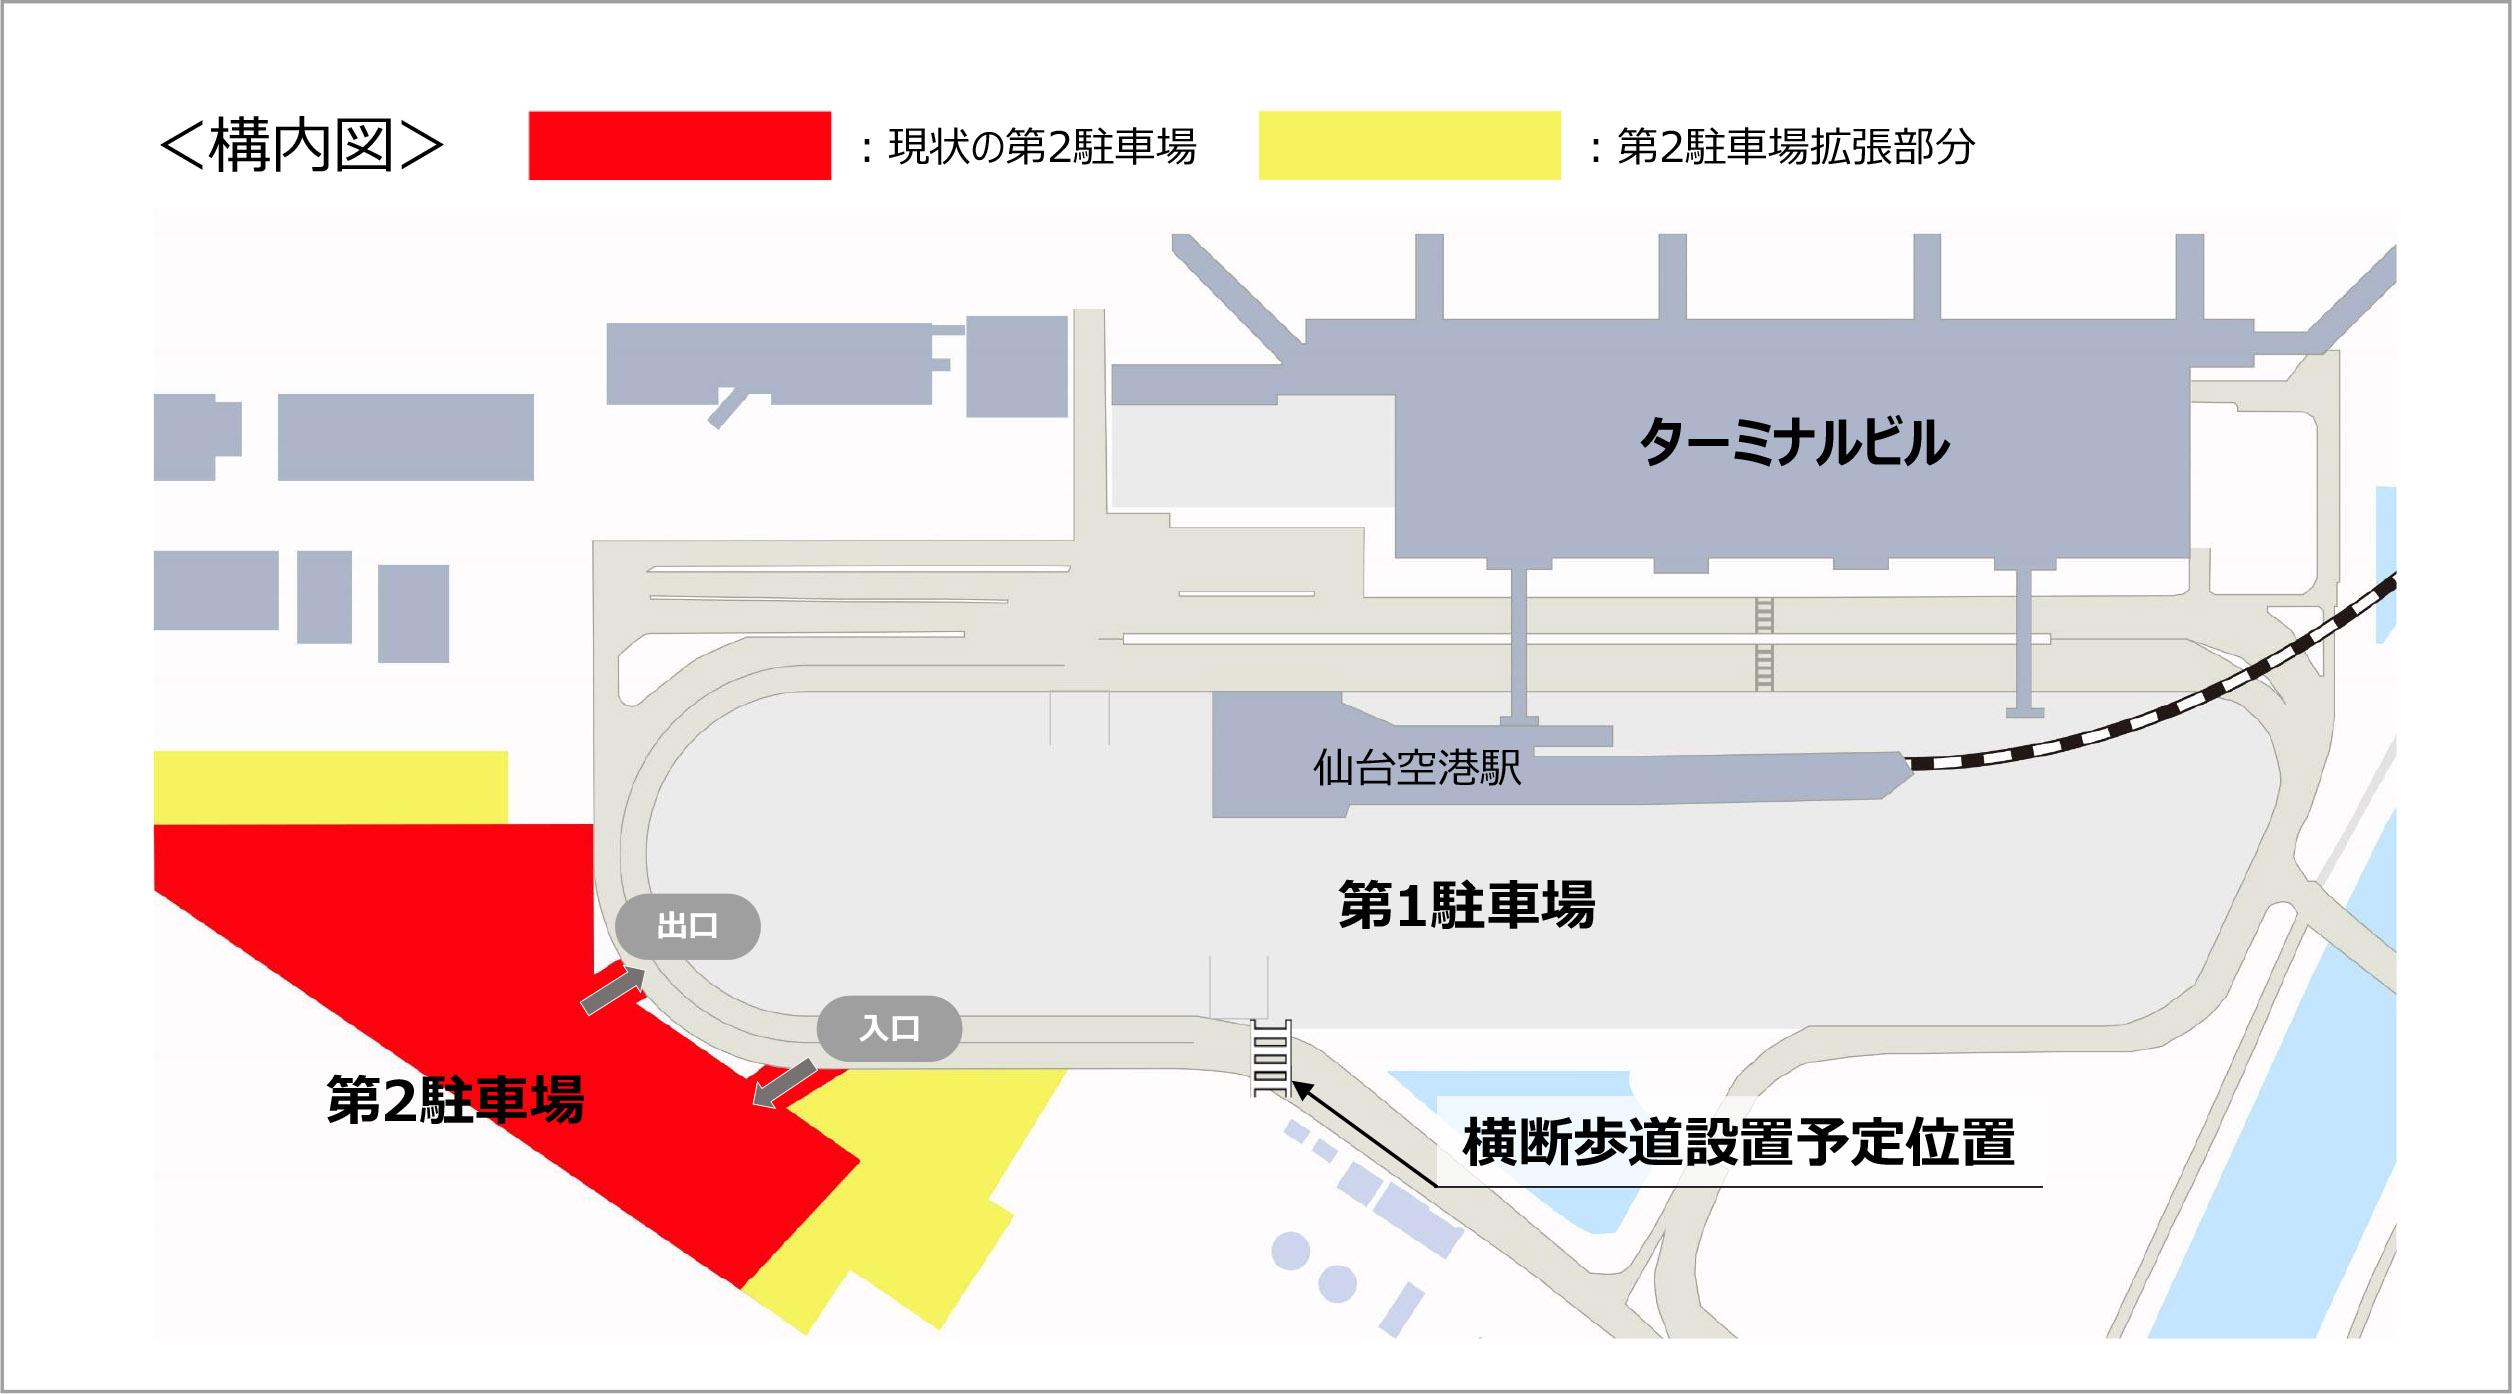 状況 運航 仙台 国内線 空港